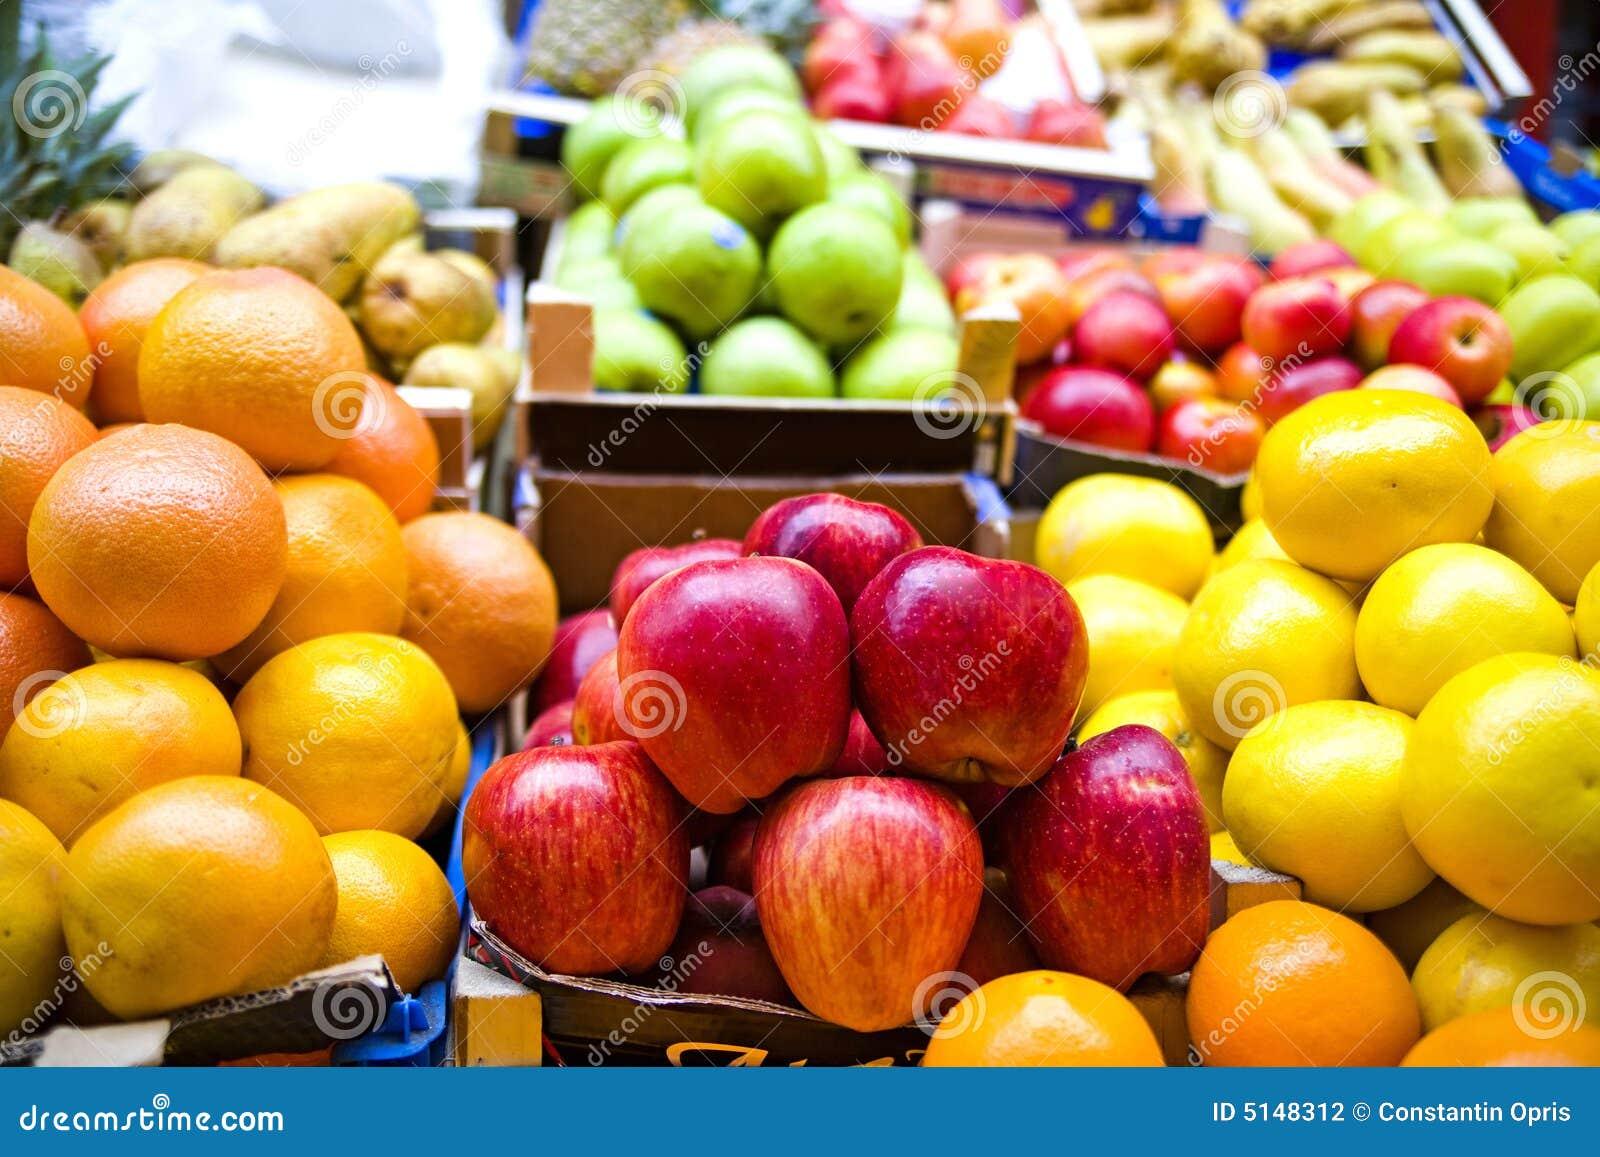 De markt van het fruit